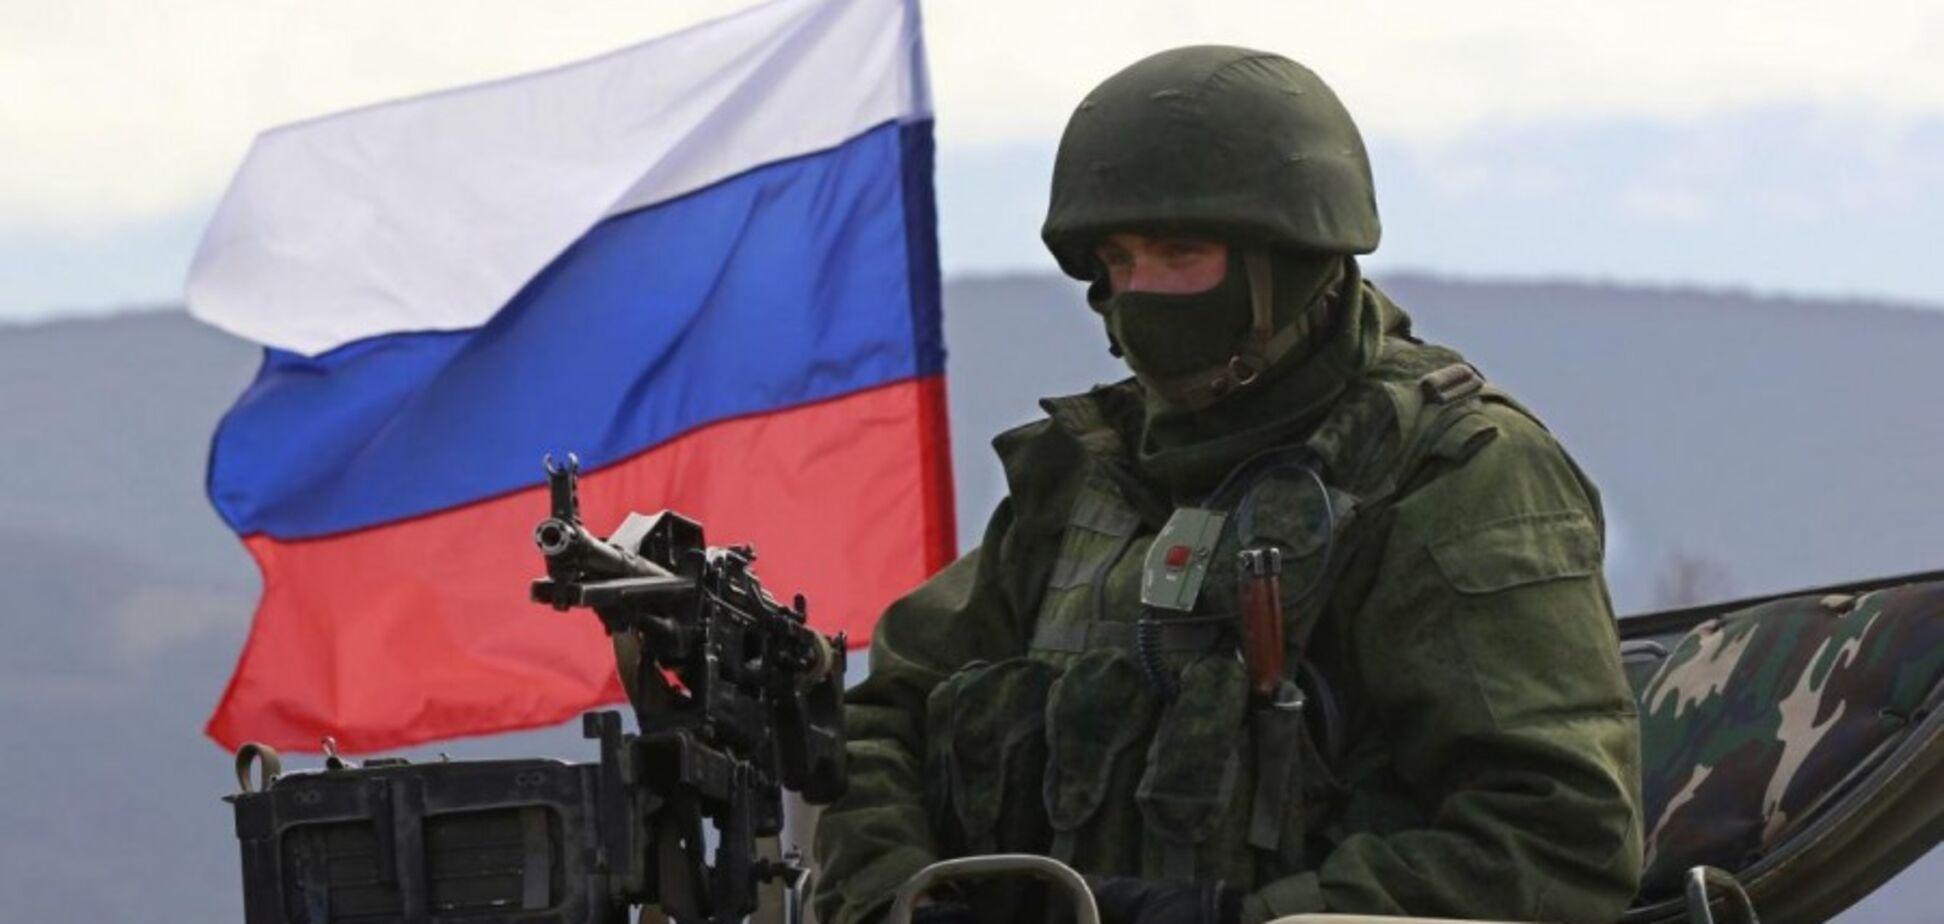 Украине грозит 'принуждение к миру': Жемчугов раскрыл планы России